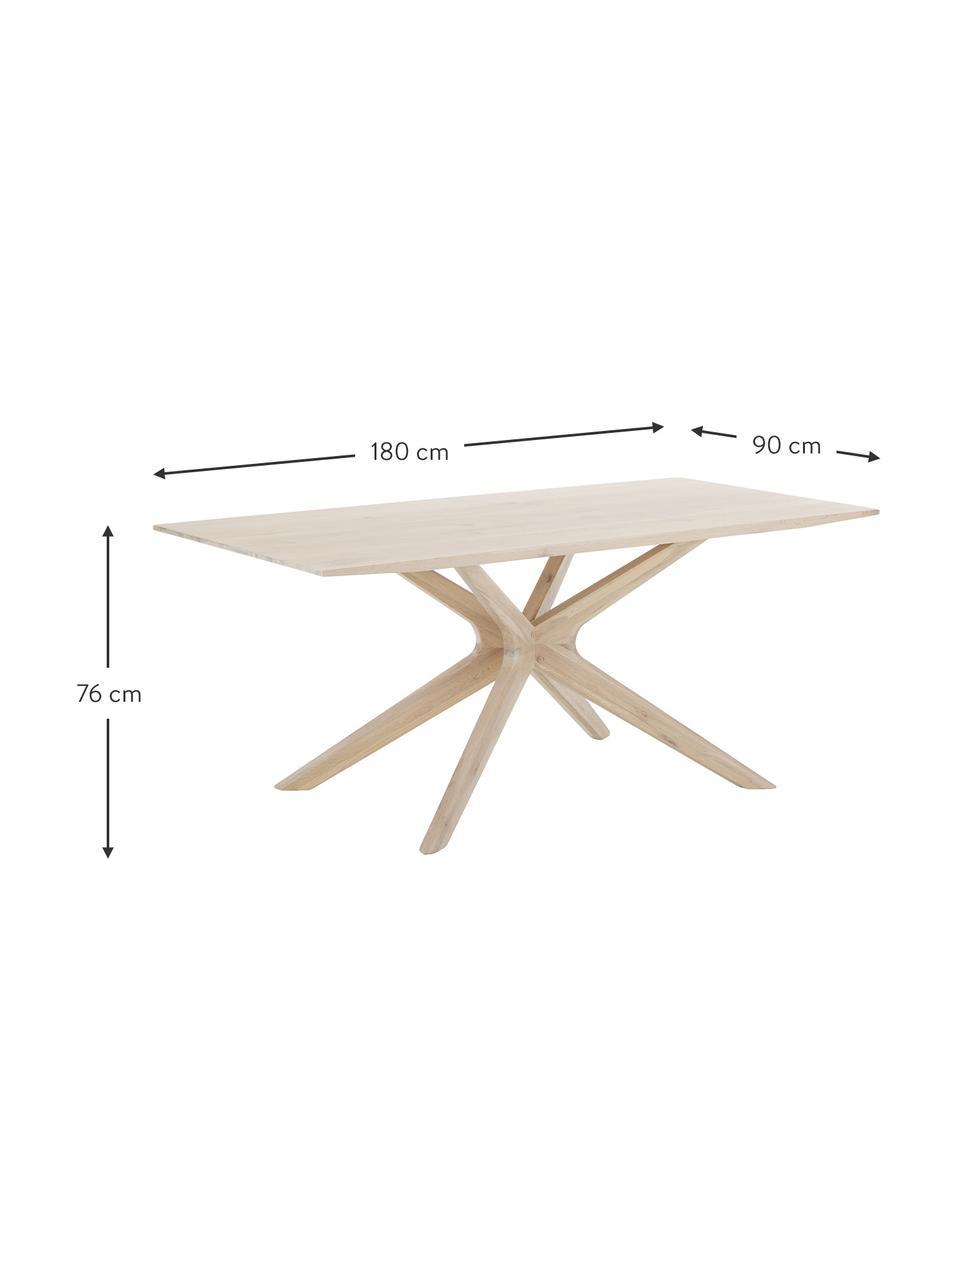 Stół do jadalni z drewna dębowego Armande, Drewno dębowe, woskowane, lakierowane na biało, Drewno dębowe, S 180 x G 90 cm